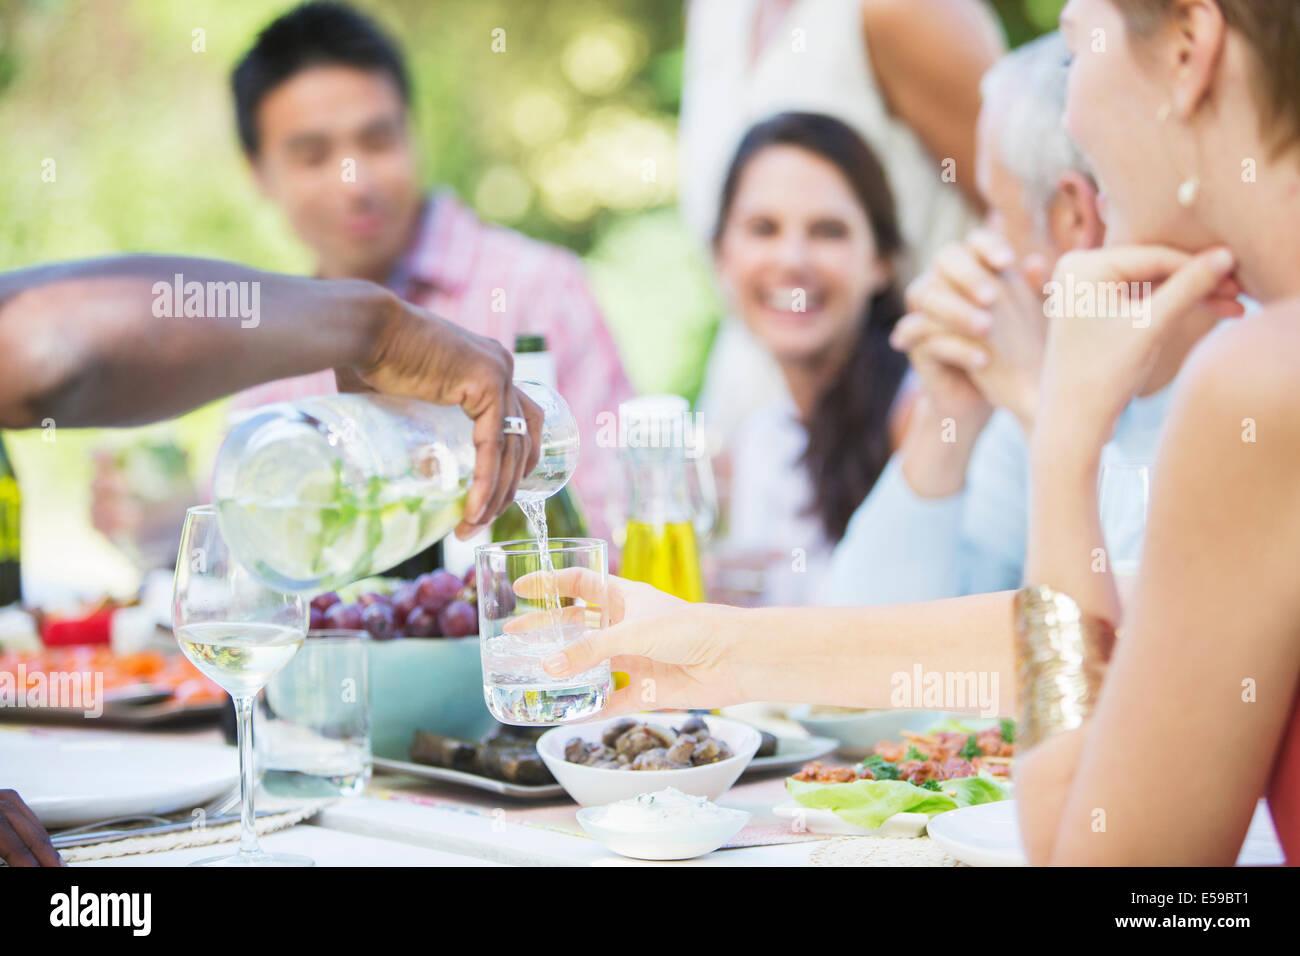 Freunde, die gemeinsam im Freien essen Stockbild